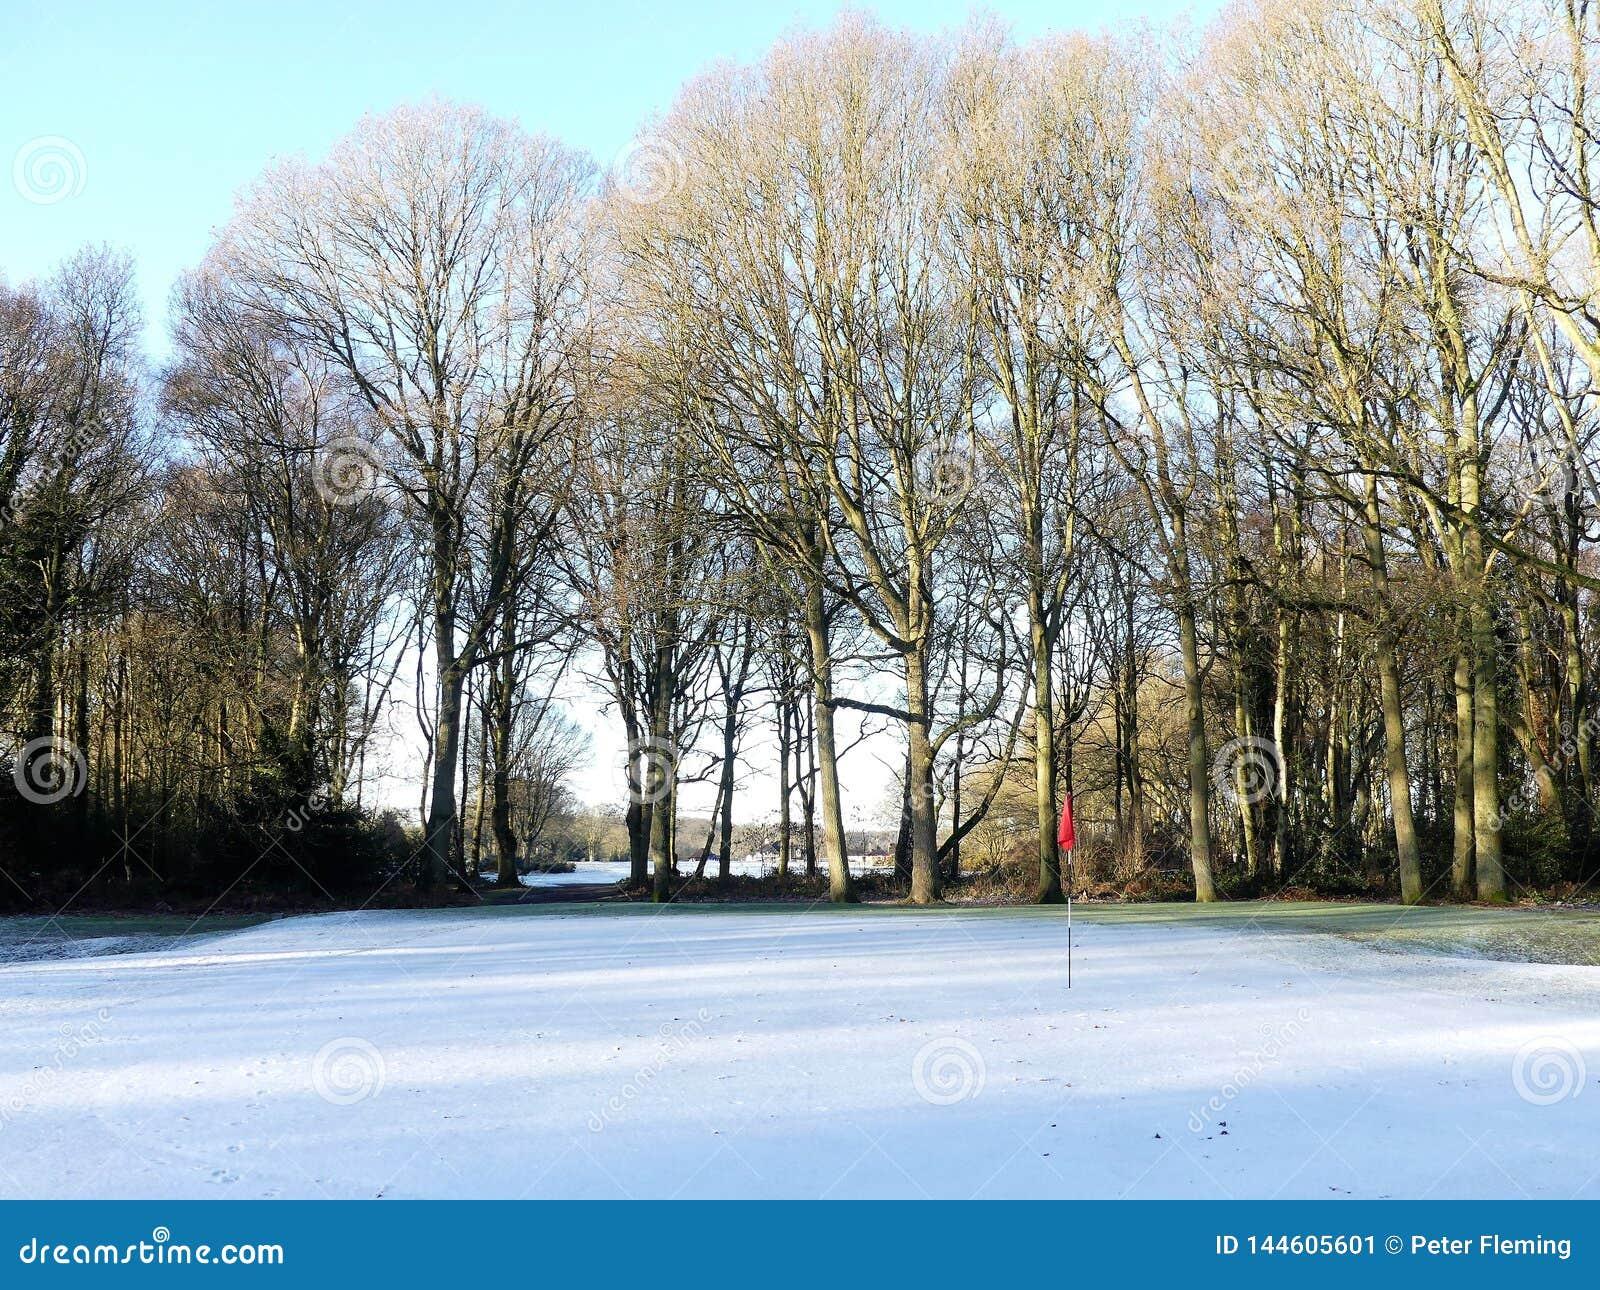 Śnieg zakrywał pole golfowe z czerwoną flagą, Chorleywood błonie